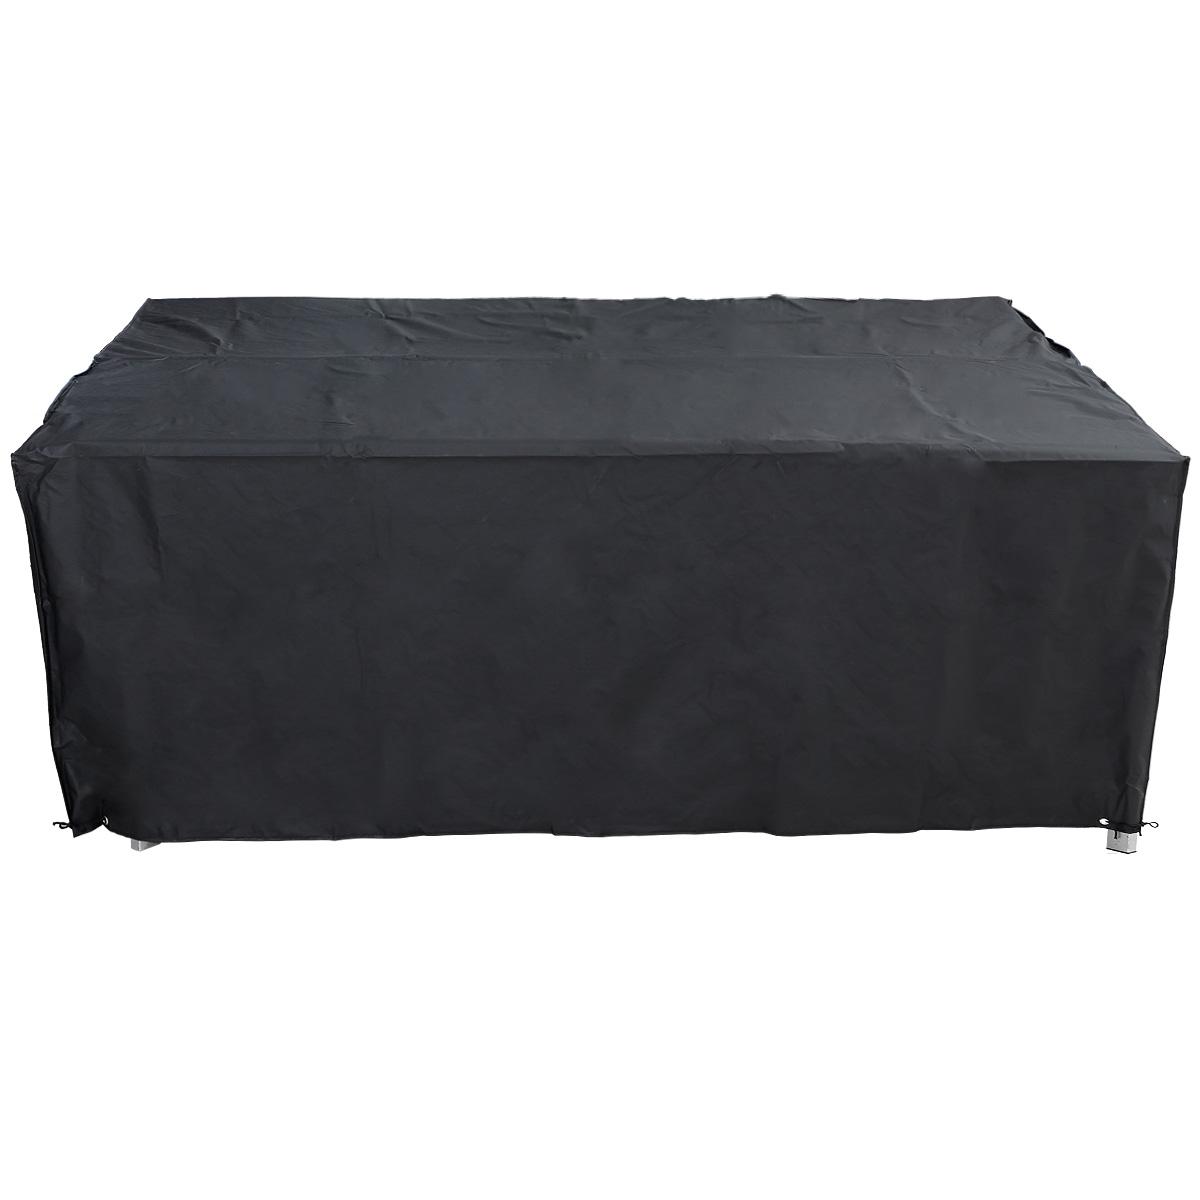 abdeckung schutzh lle f r gartenm bel sitzgruppe abdeckplane abdeckhaube auswahl ebay. Black Bedroom Furniture Sets. Home Design Ideas